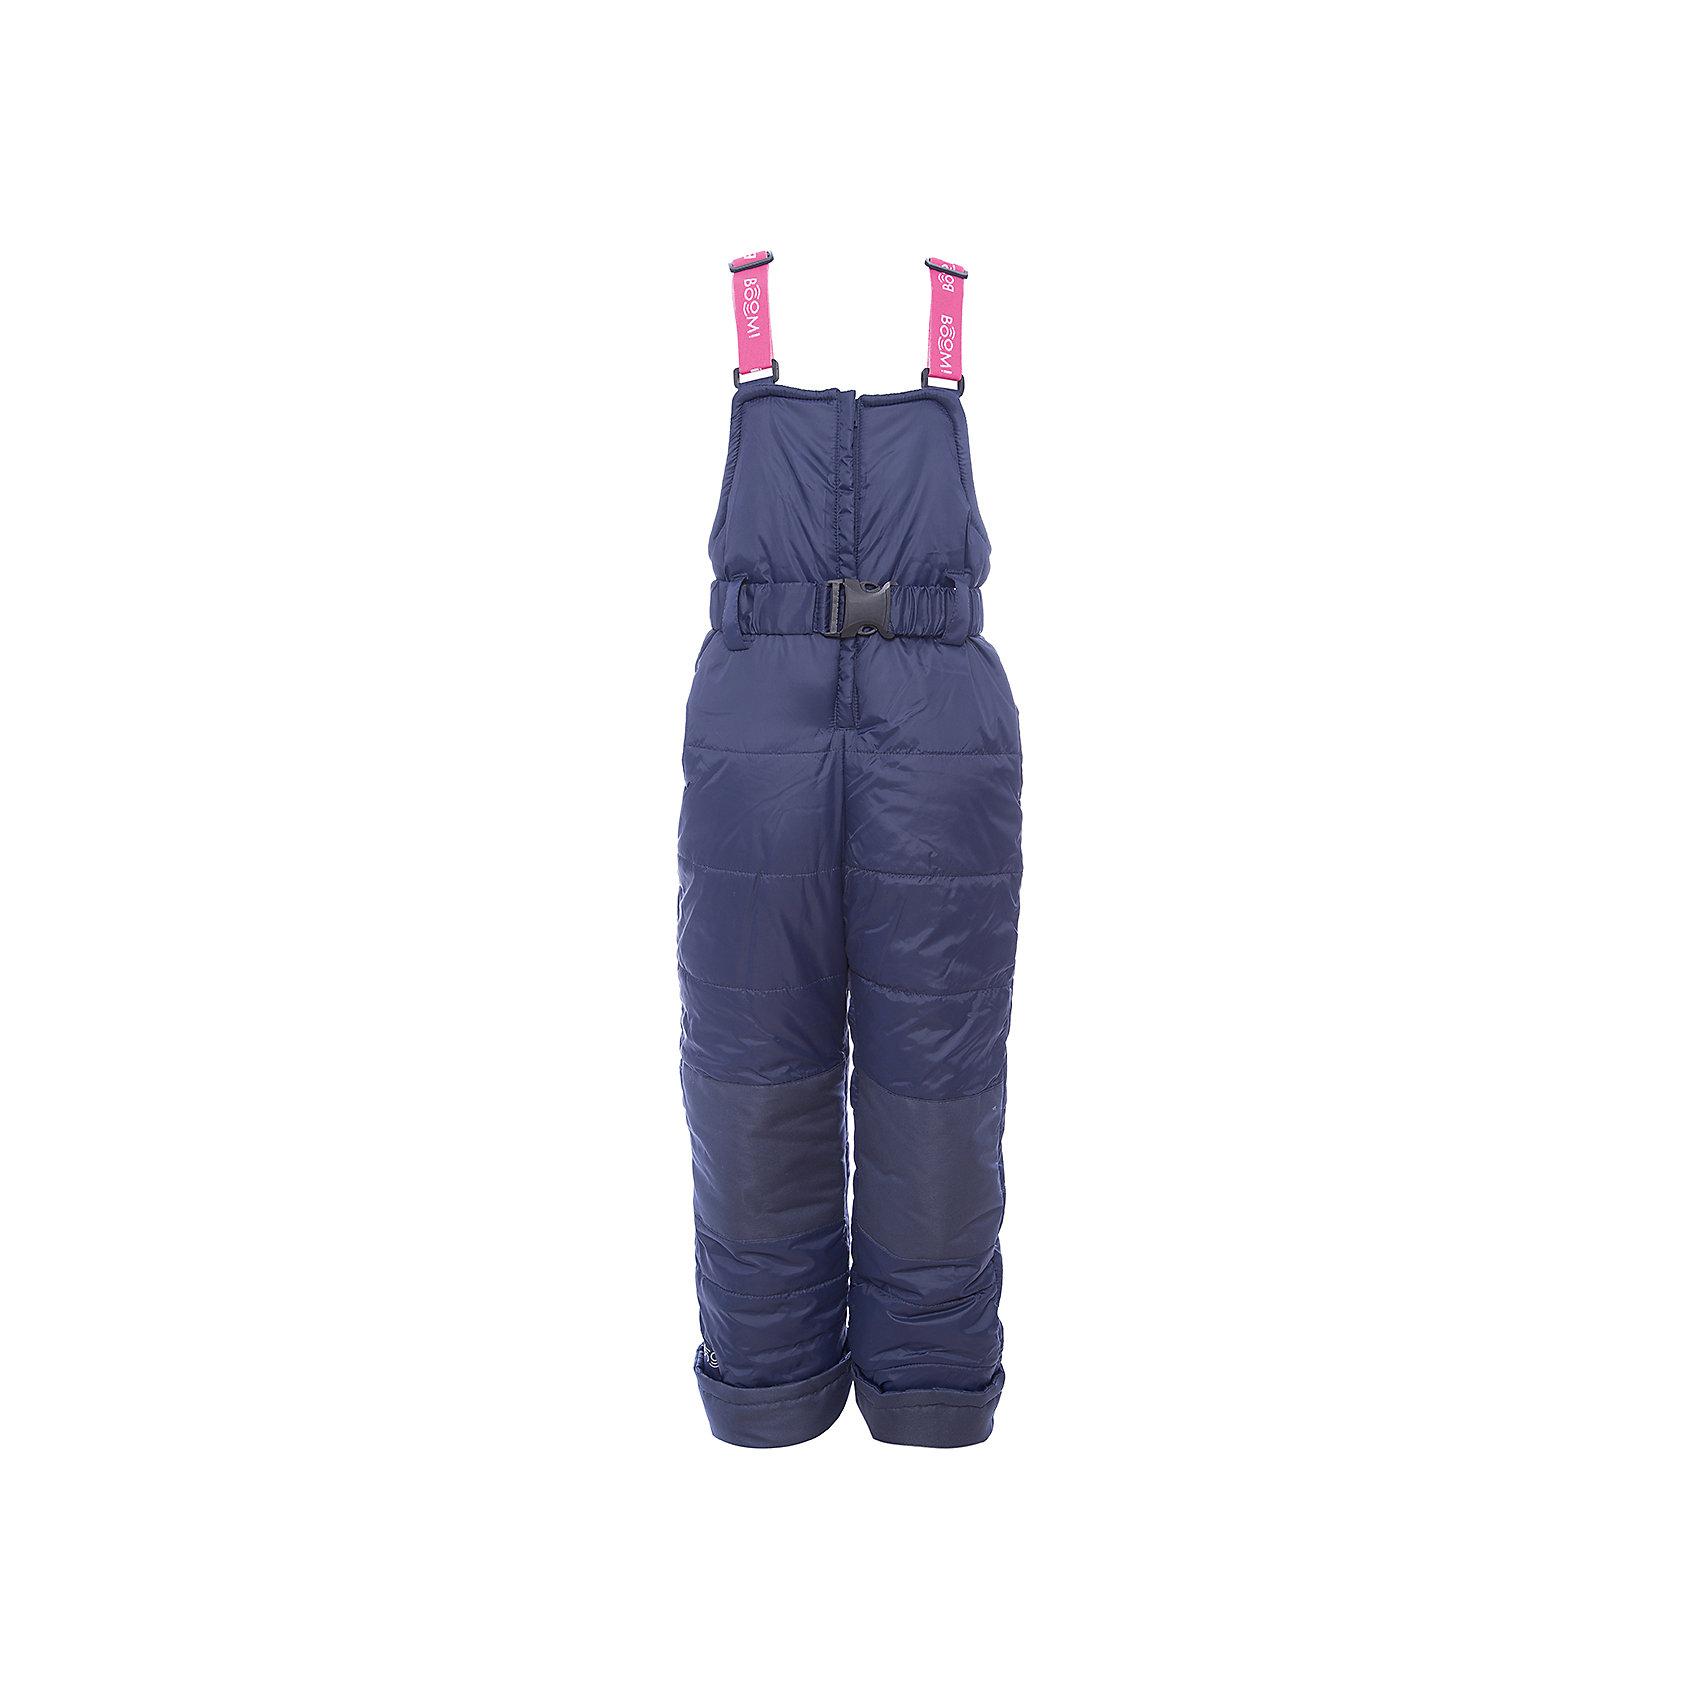 Полукомбинезон BOOM by Orby для девочкиВерхняя одежда<br>Характеристики товара:<br><br>• цвет: синий<br>• состав ткани: таффета pu milky<br>• подкладка: флис, полиэстер пуходержащий<br>• утеплитель: эко синтепон<br>• сезон: зима<br>• температурный режим: от 0 до -30С<br>• плотность утеплителя: 400 г/м2<br>• застежка: молния<br>• страна бренда: Россия<br>• страна изготовитель: Россия<br><br>Синий полукомбинезон для девочки поможет обеспечить тепло и комфорт. Зимний полукомбинезон легко надевается и снимается. Такой детской полукомбинезон отлично подойдет для зимних холодов - подкладка и наполнитель для зимнего полукомбинезона рассчитаны на морозную погоду. <br><br>Полукомбинезон для девочки BOOM by Orby (Бум бай Орби) можно купить в нашем интернет-магазине.<br><br>Ширина мм: 215<br>Глубина мм: 88<br>Высота мм: 191<br>Вес г: 336<br>Цвет: синий<br>Возраст от месяцев: 24<br>Возраст до месяцев: 36<br>Пол: Женский<br>Возраст: Детский<br>Размер: 98,104,110,116,122,128,134,140,146,152,158,92,86,80<br>SKU: 7090472